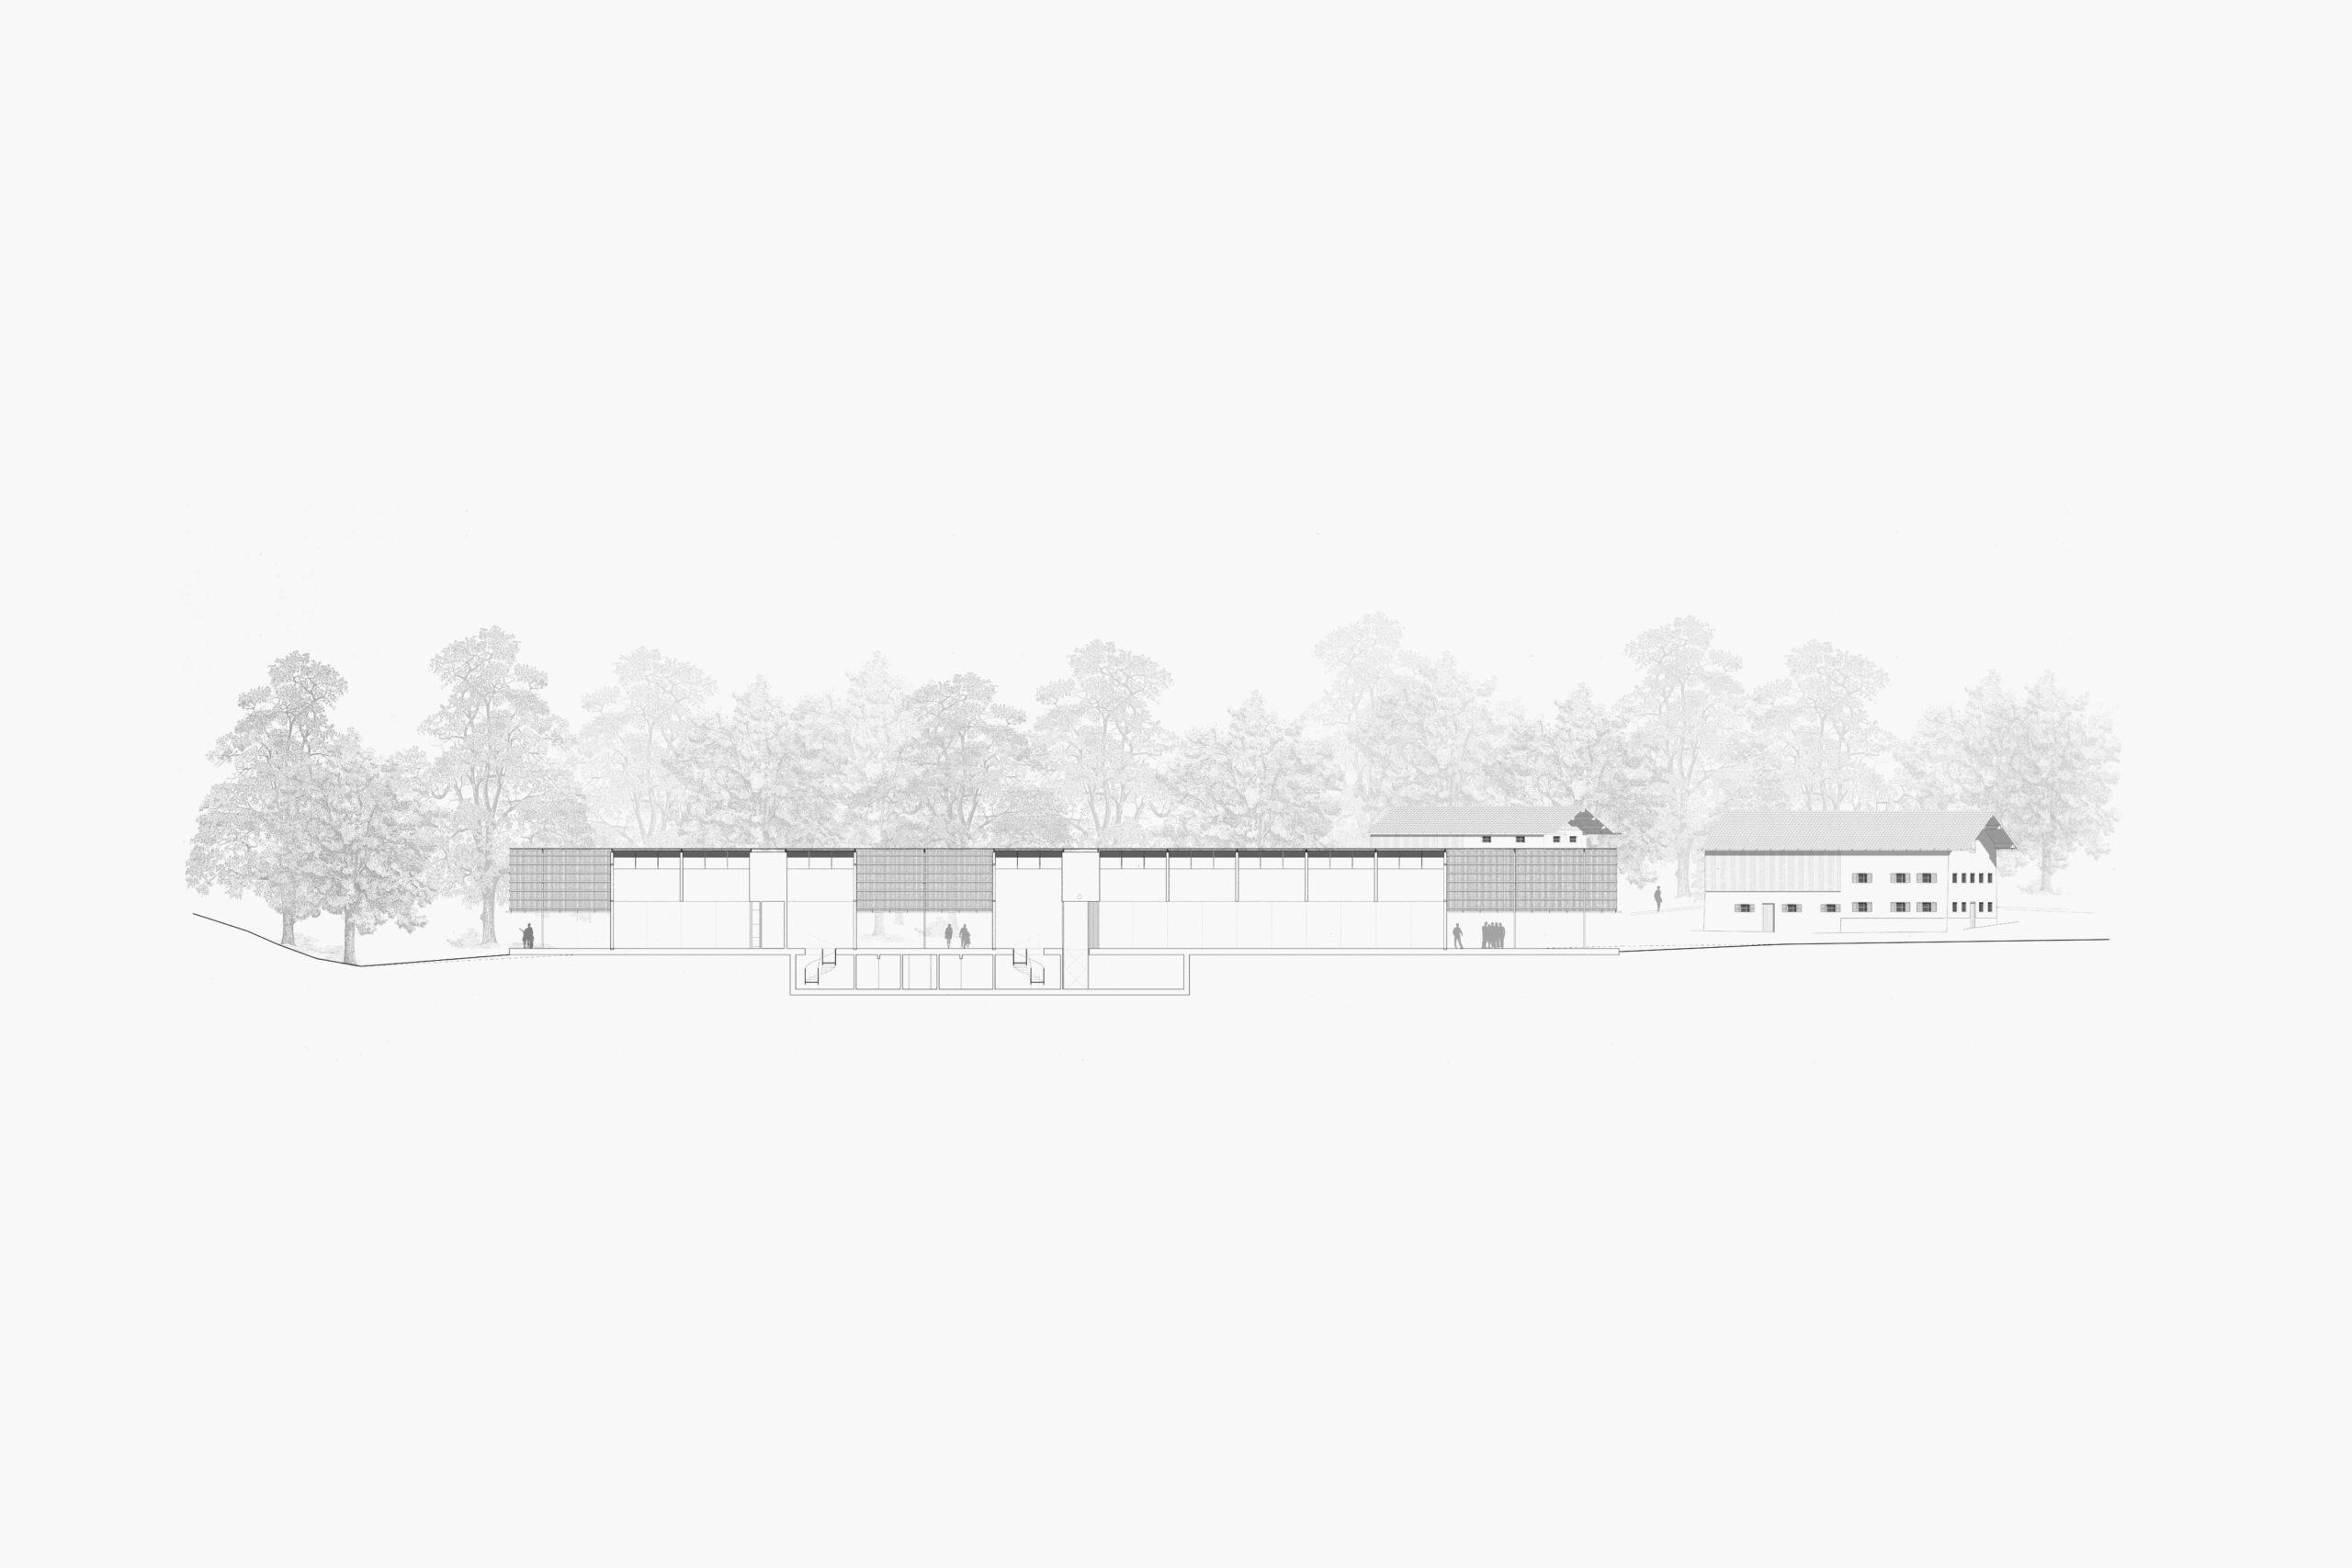 Michael-Becker-Architects-Architekten-Bauernhausmuseum-Ammerang-Laengsschnitt-klein